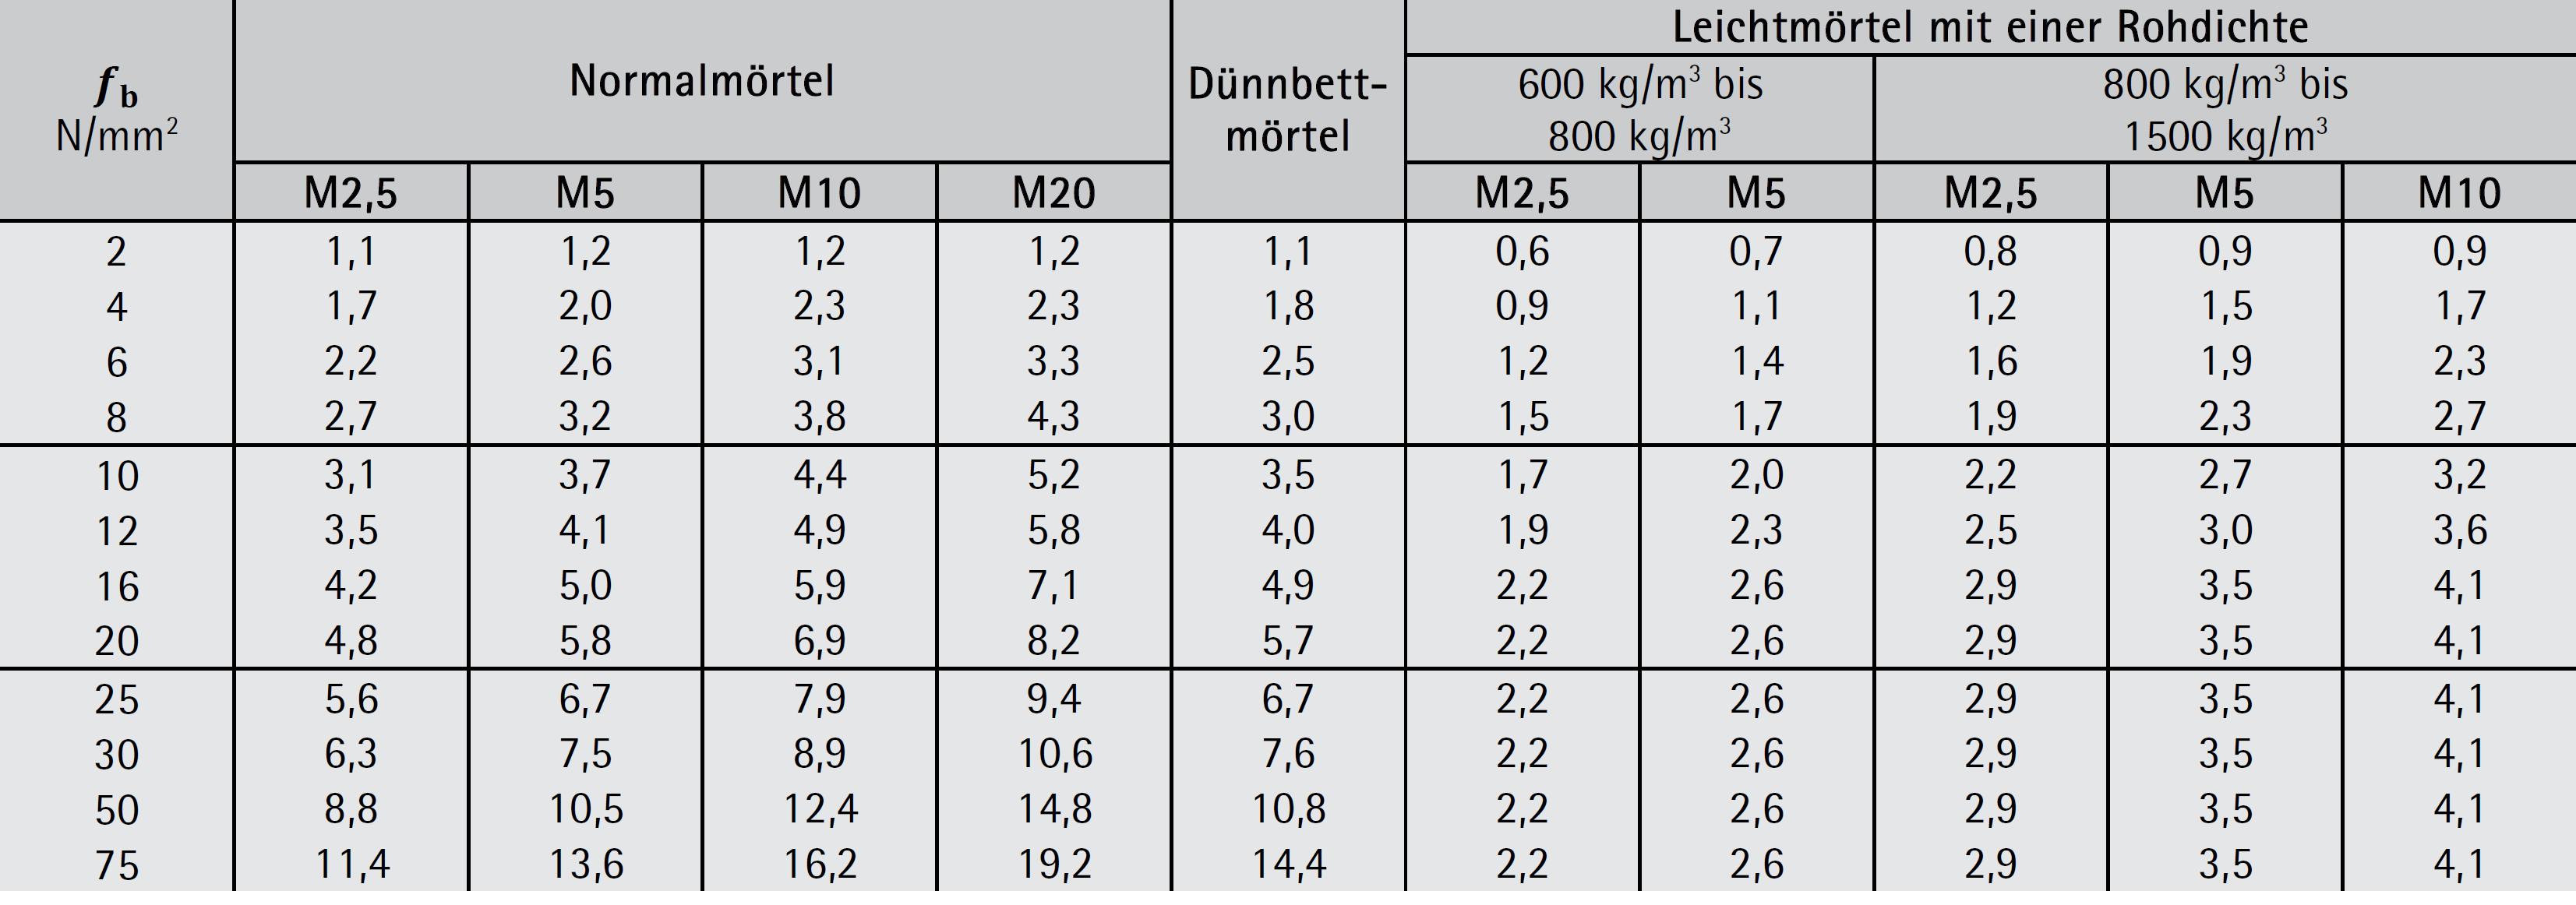 Mauerwerksdruckfestigkeit fk in N/mm² – Ziegel Gruppe 2